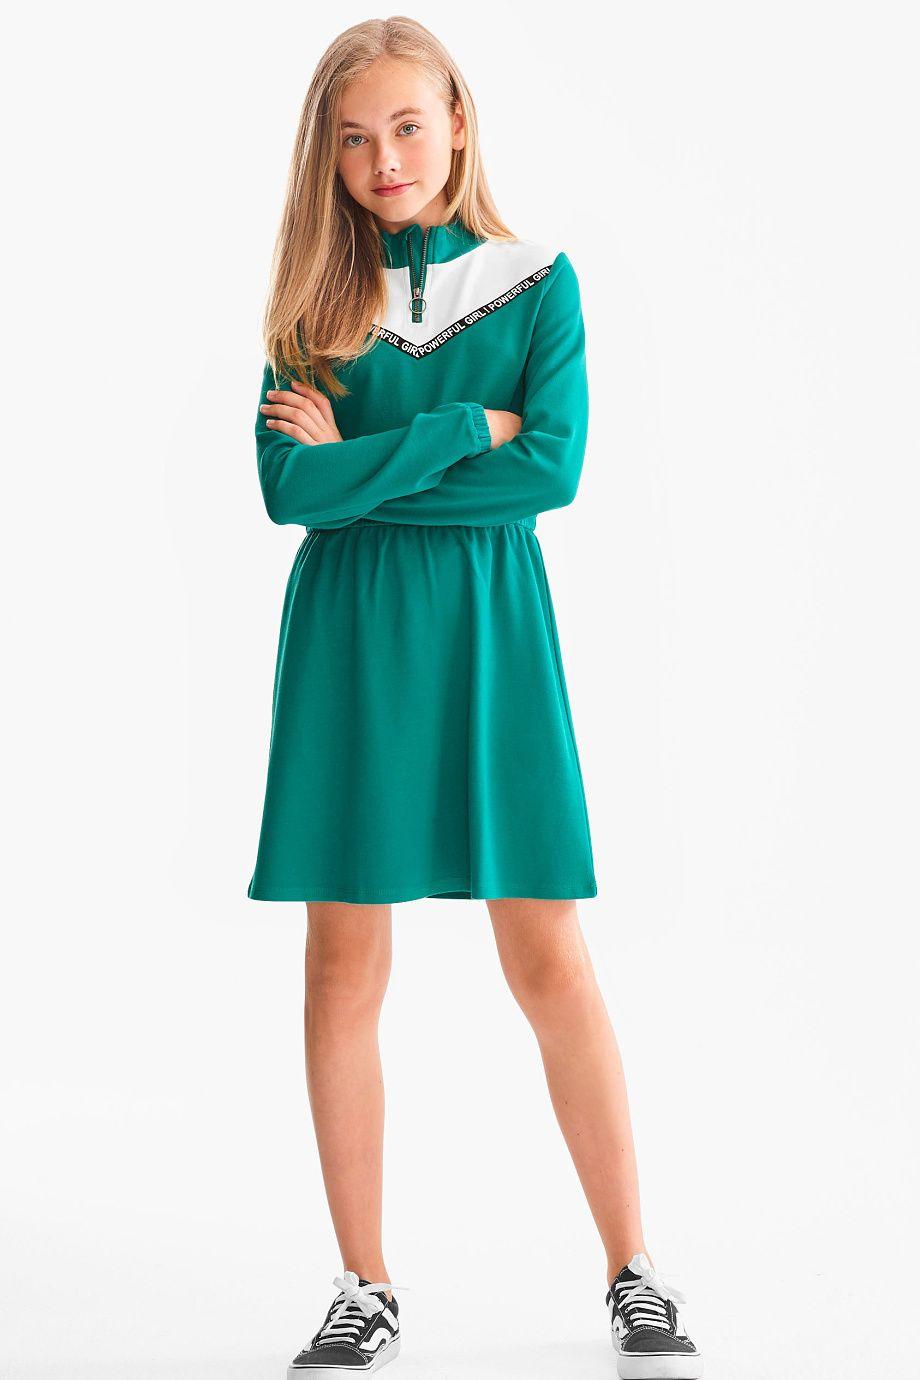 Kleid Hochgeschlossenes Kleid Kleider Madchen Strumpfhose